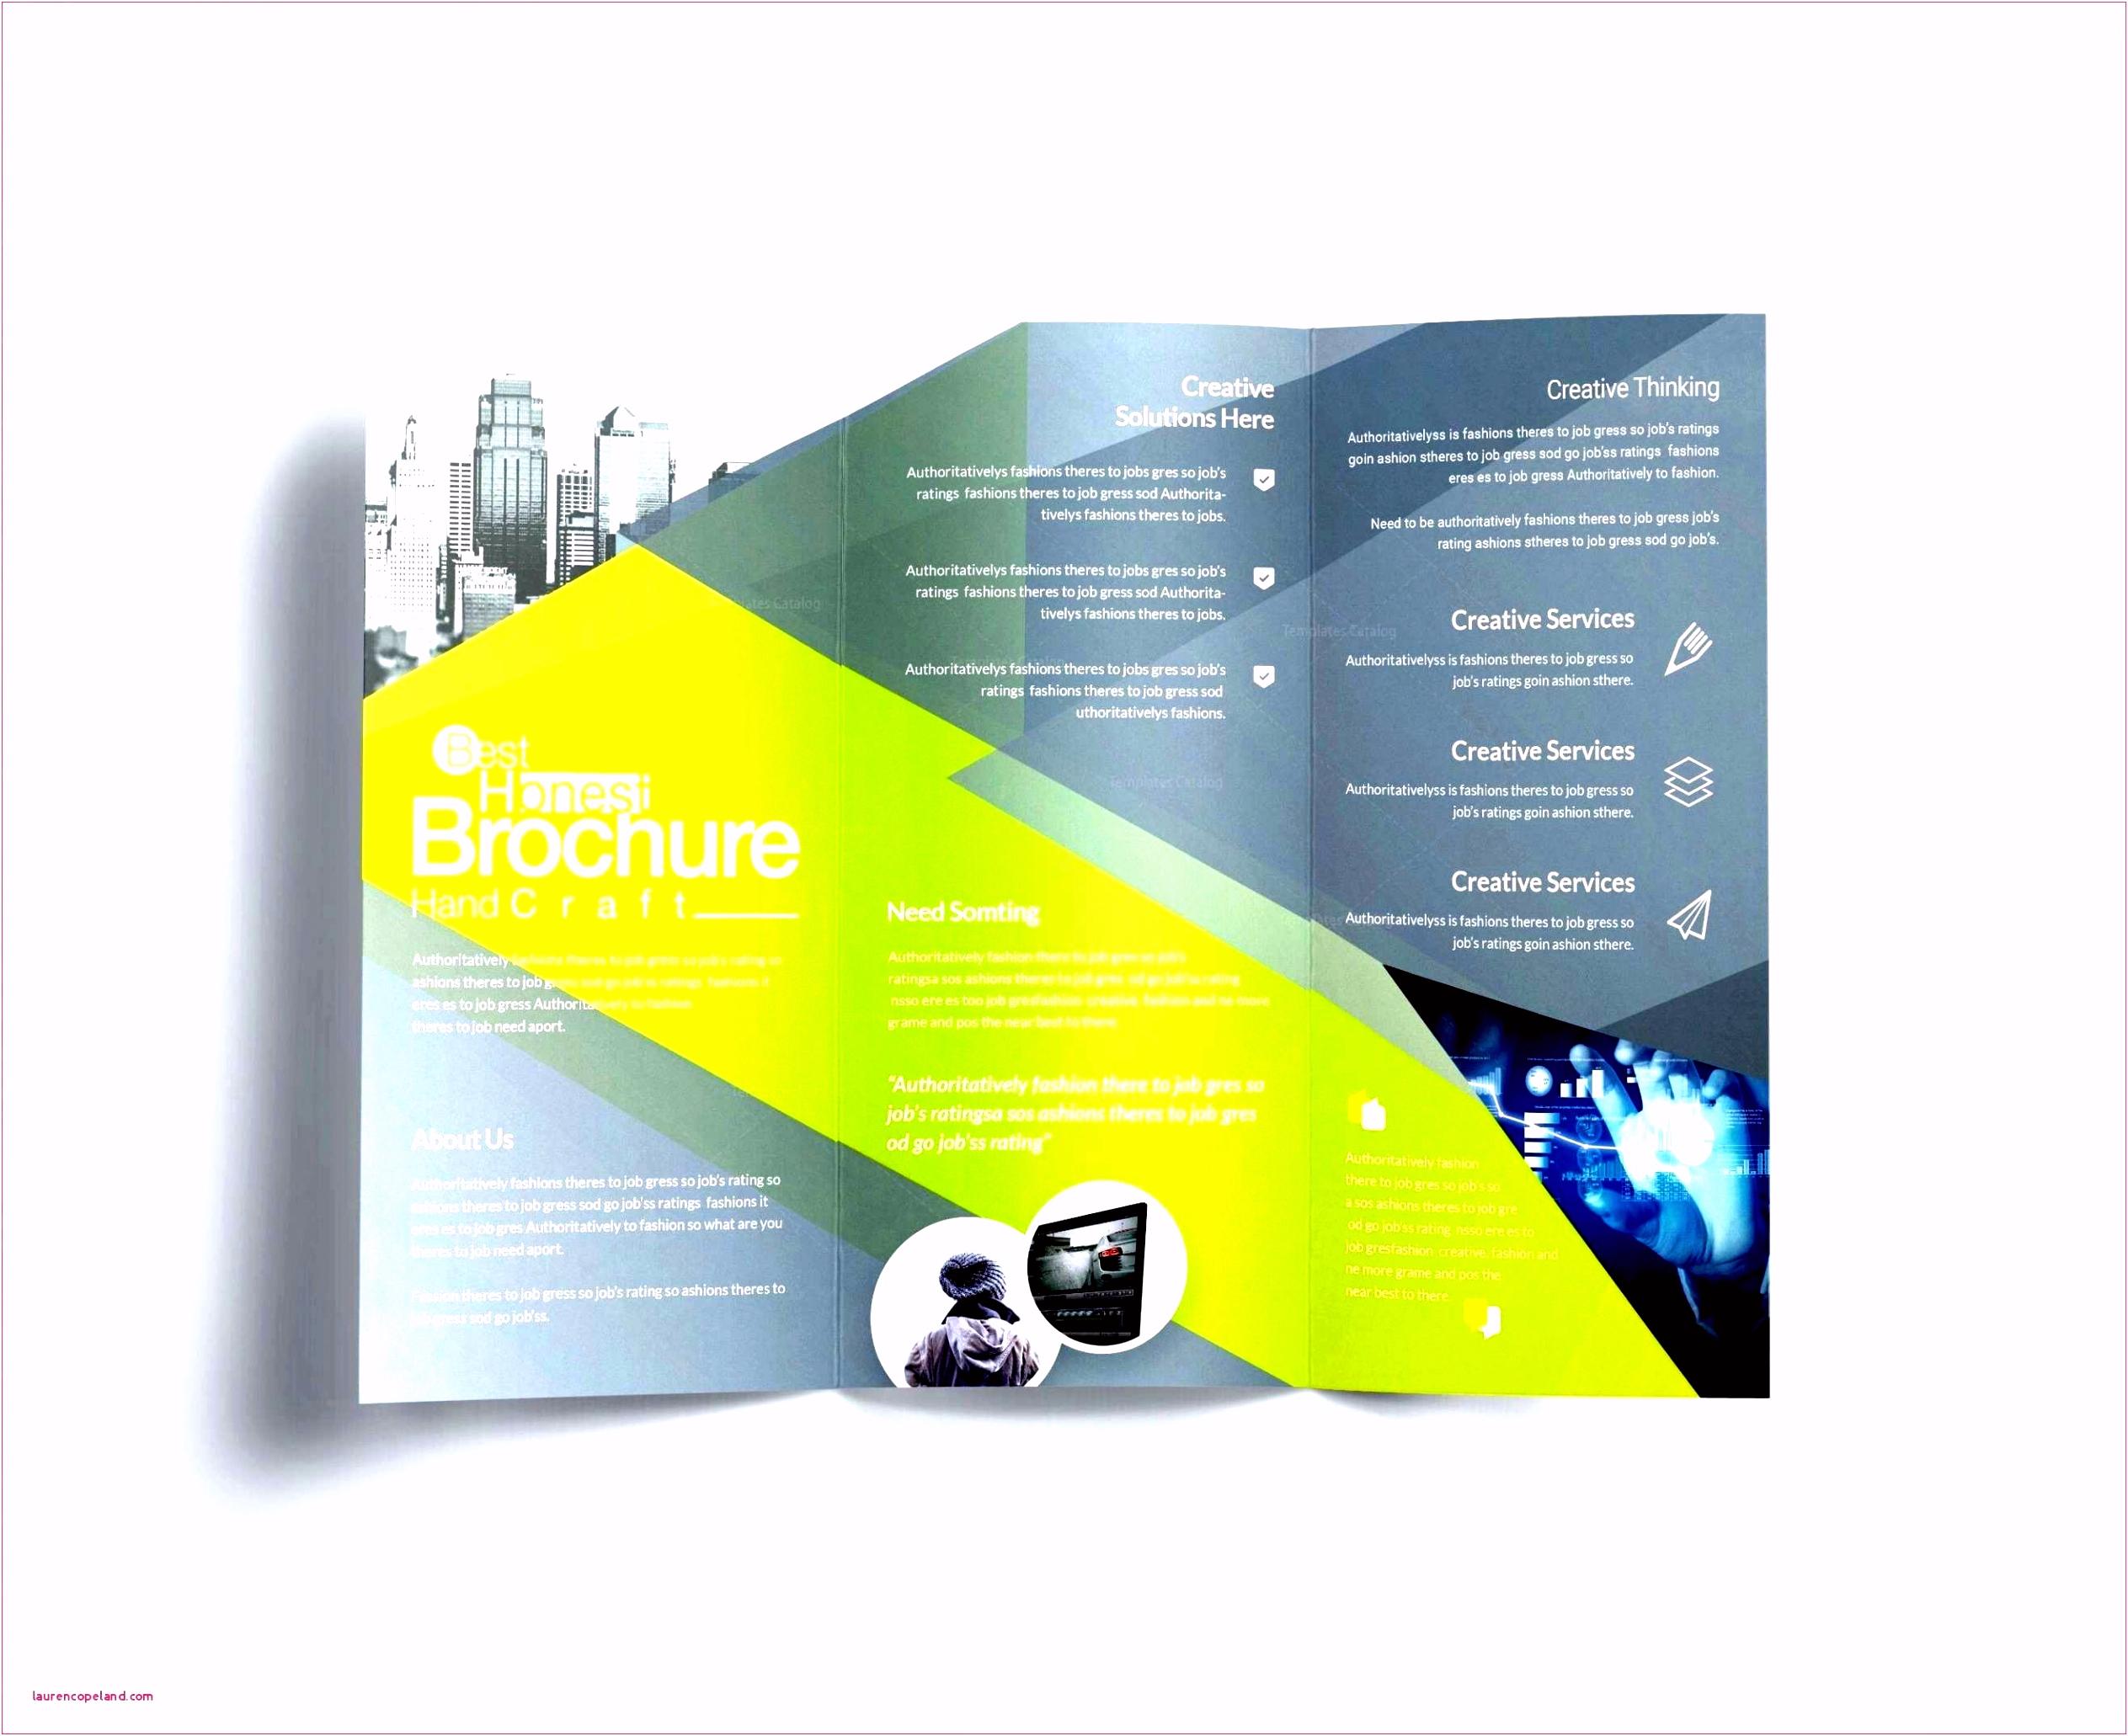 Visitenkarten Vorlagen Gratis Visitenkarten Design Vorlagen Kostenlos Einfach 43 Inspiration Von K0qa36hgu5 Bmbnsuuls0